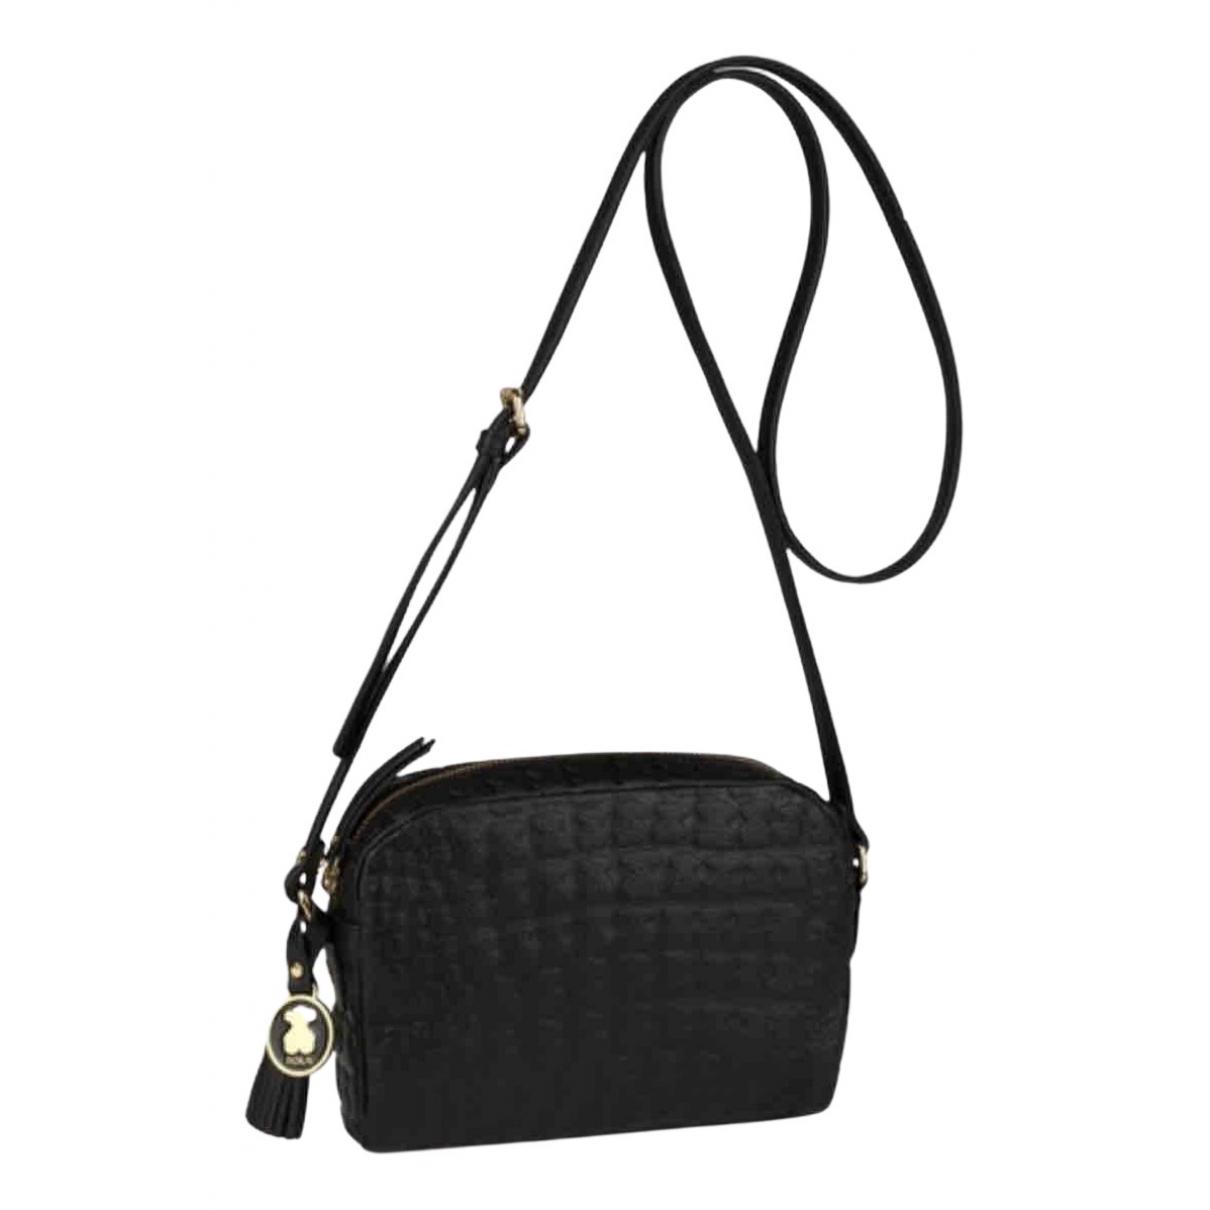 Atelier Tous \N Black Leather handbag for Women \N